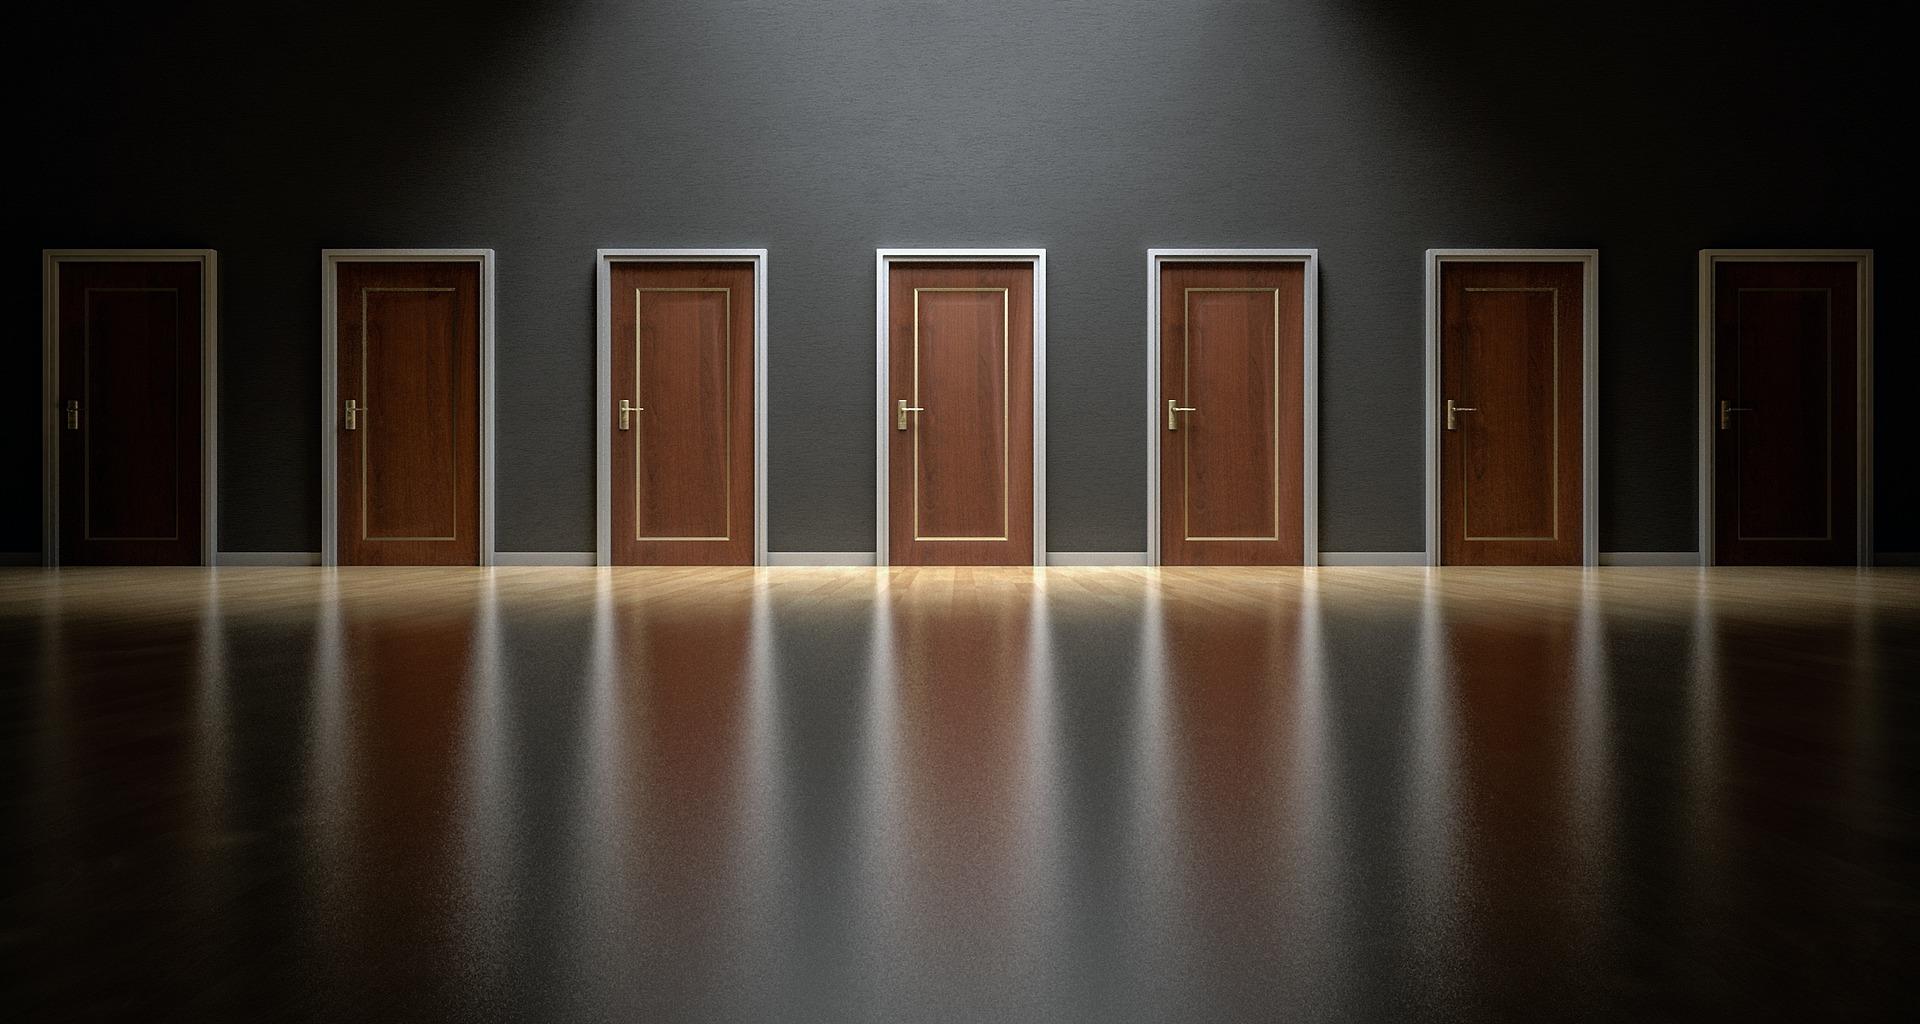 Raum mit vielen Türen - Das vierundachzigste Problem